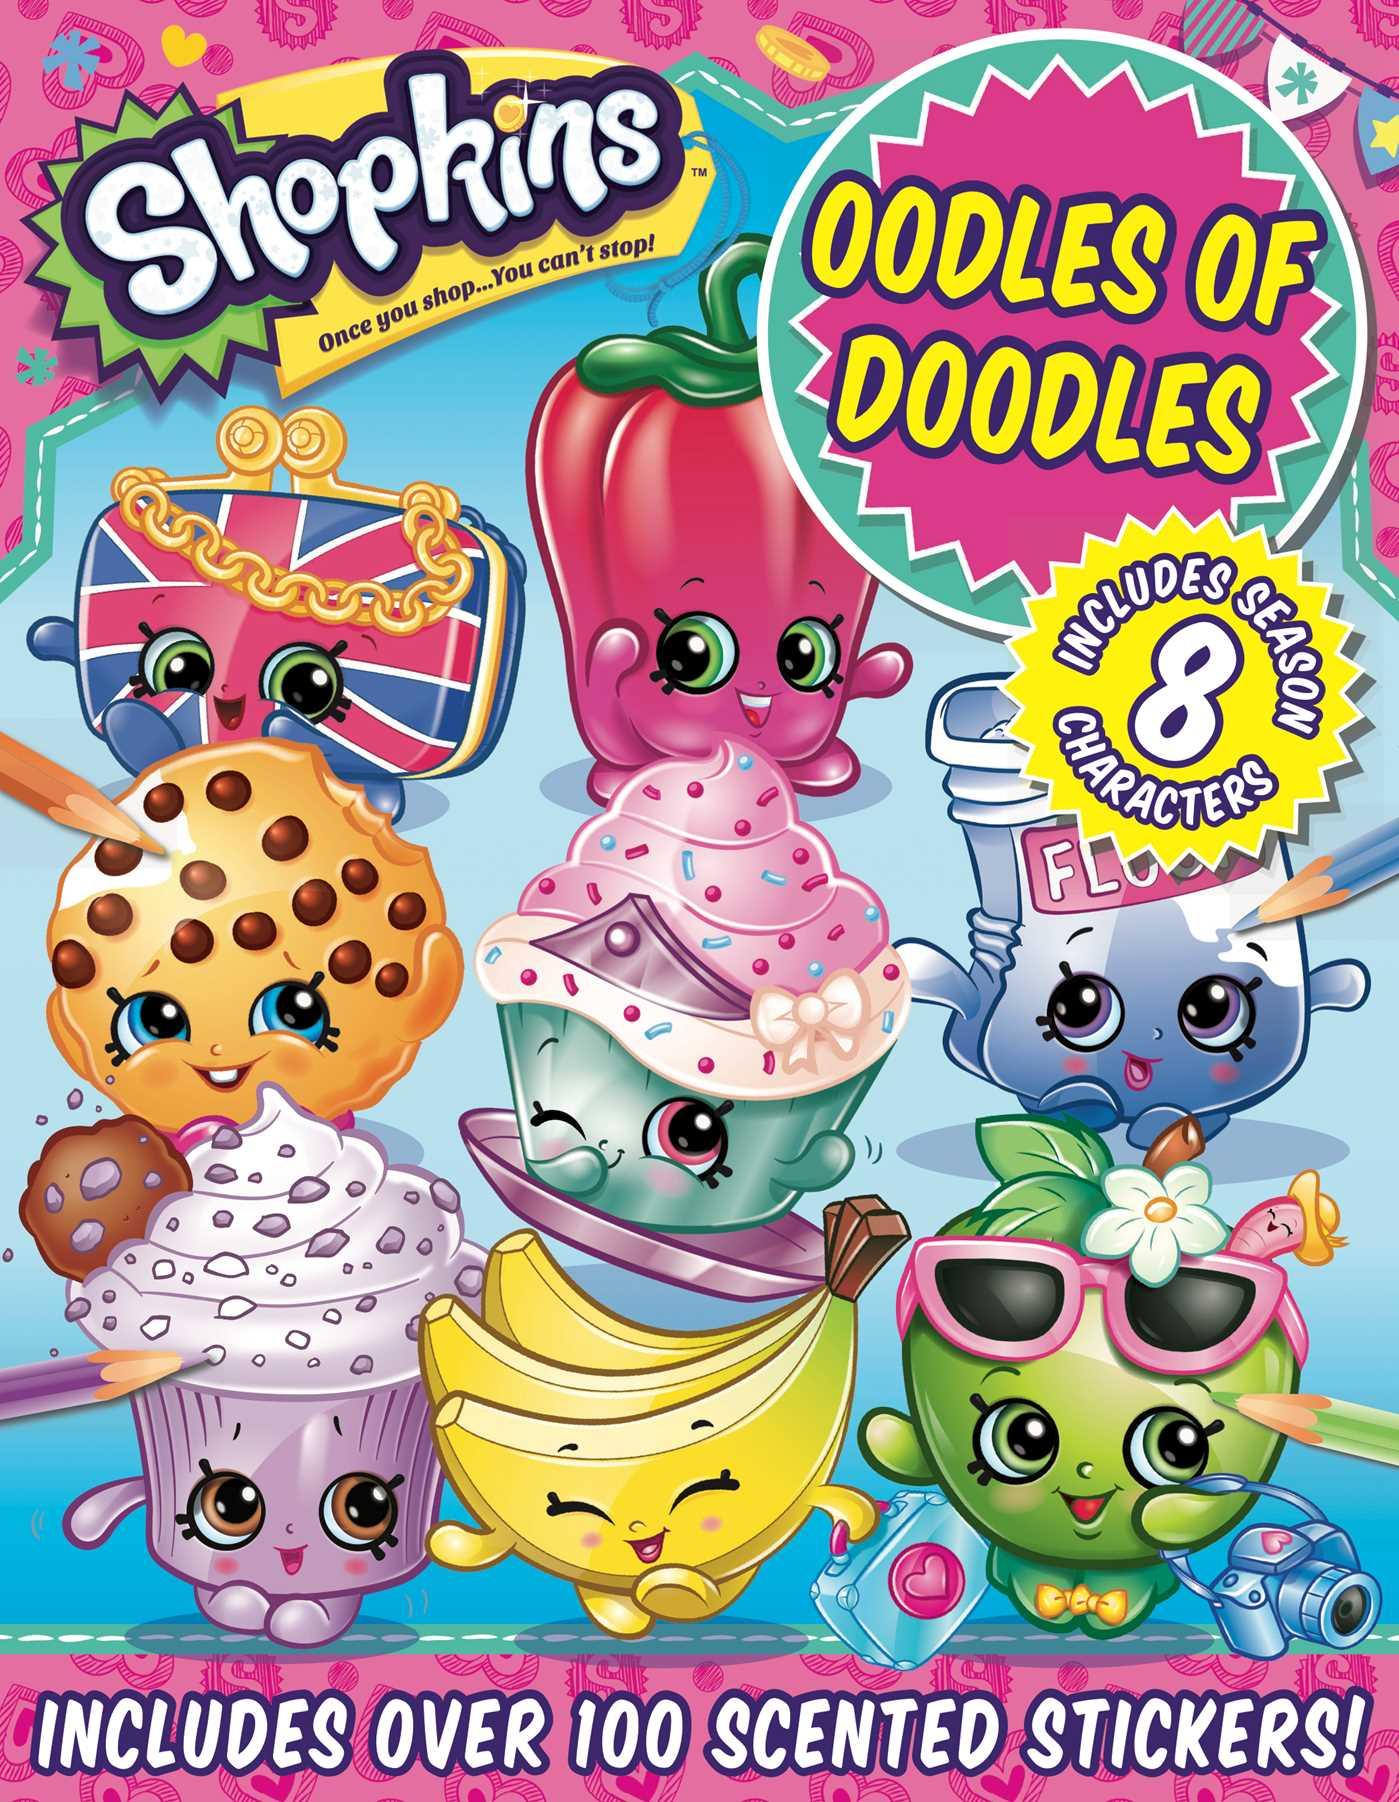 Shopkins oodles of doodles 9781499806755 hr